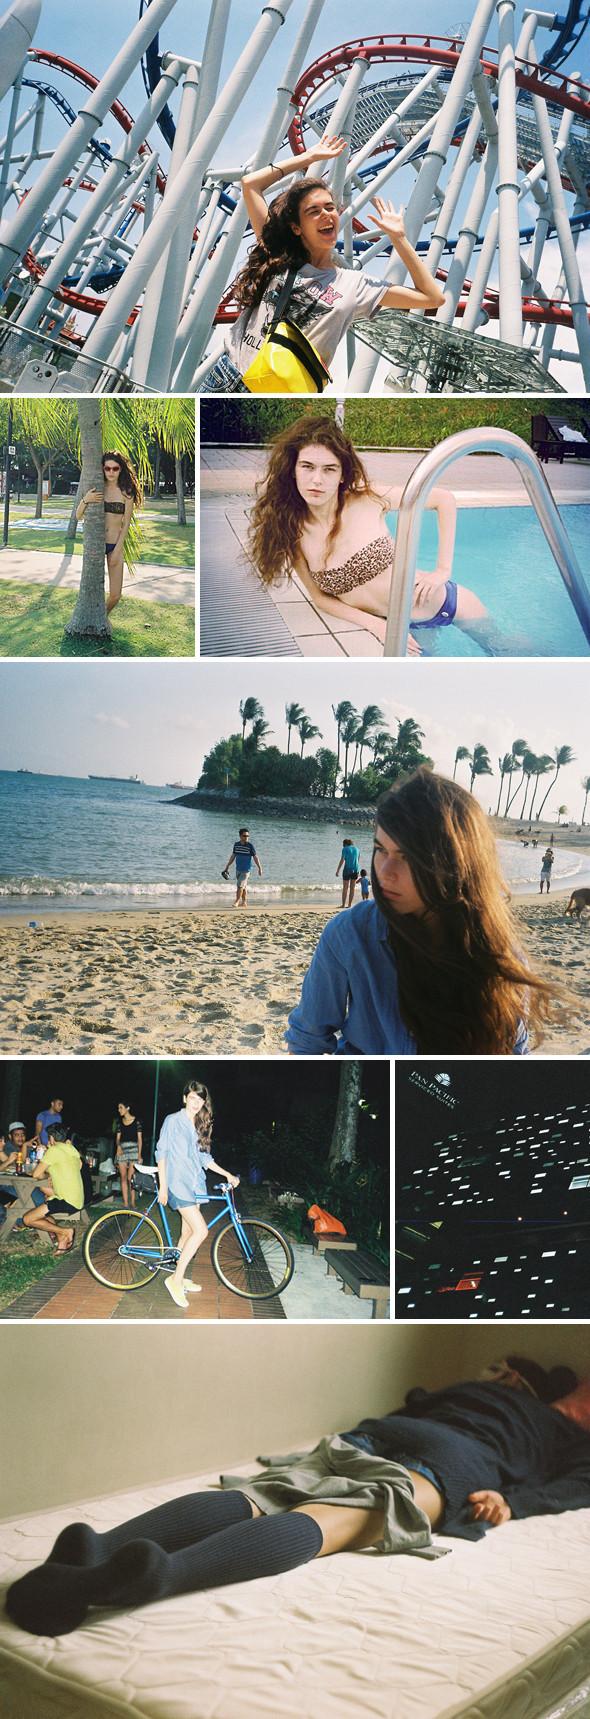 Горячие туры: 7 девушек рассказывают о своем отпуске. Изображение № 21.